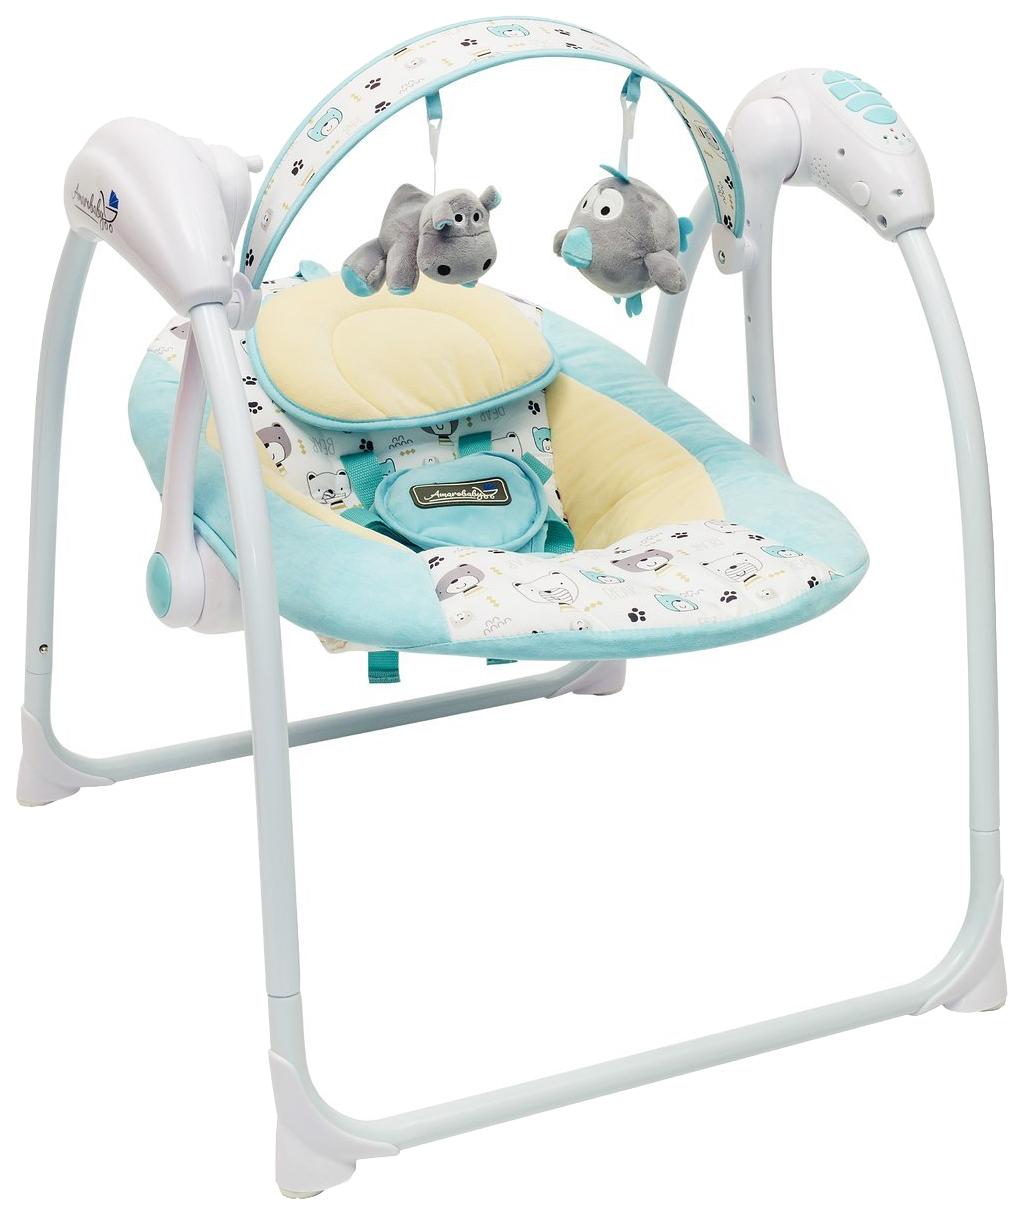 Электронные качели детские AMAROBABY Swinging Baby TURQUOISE